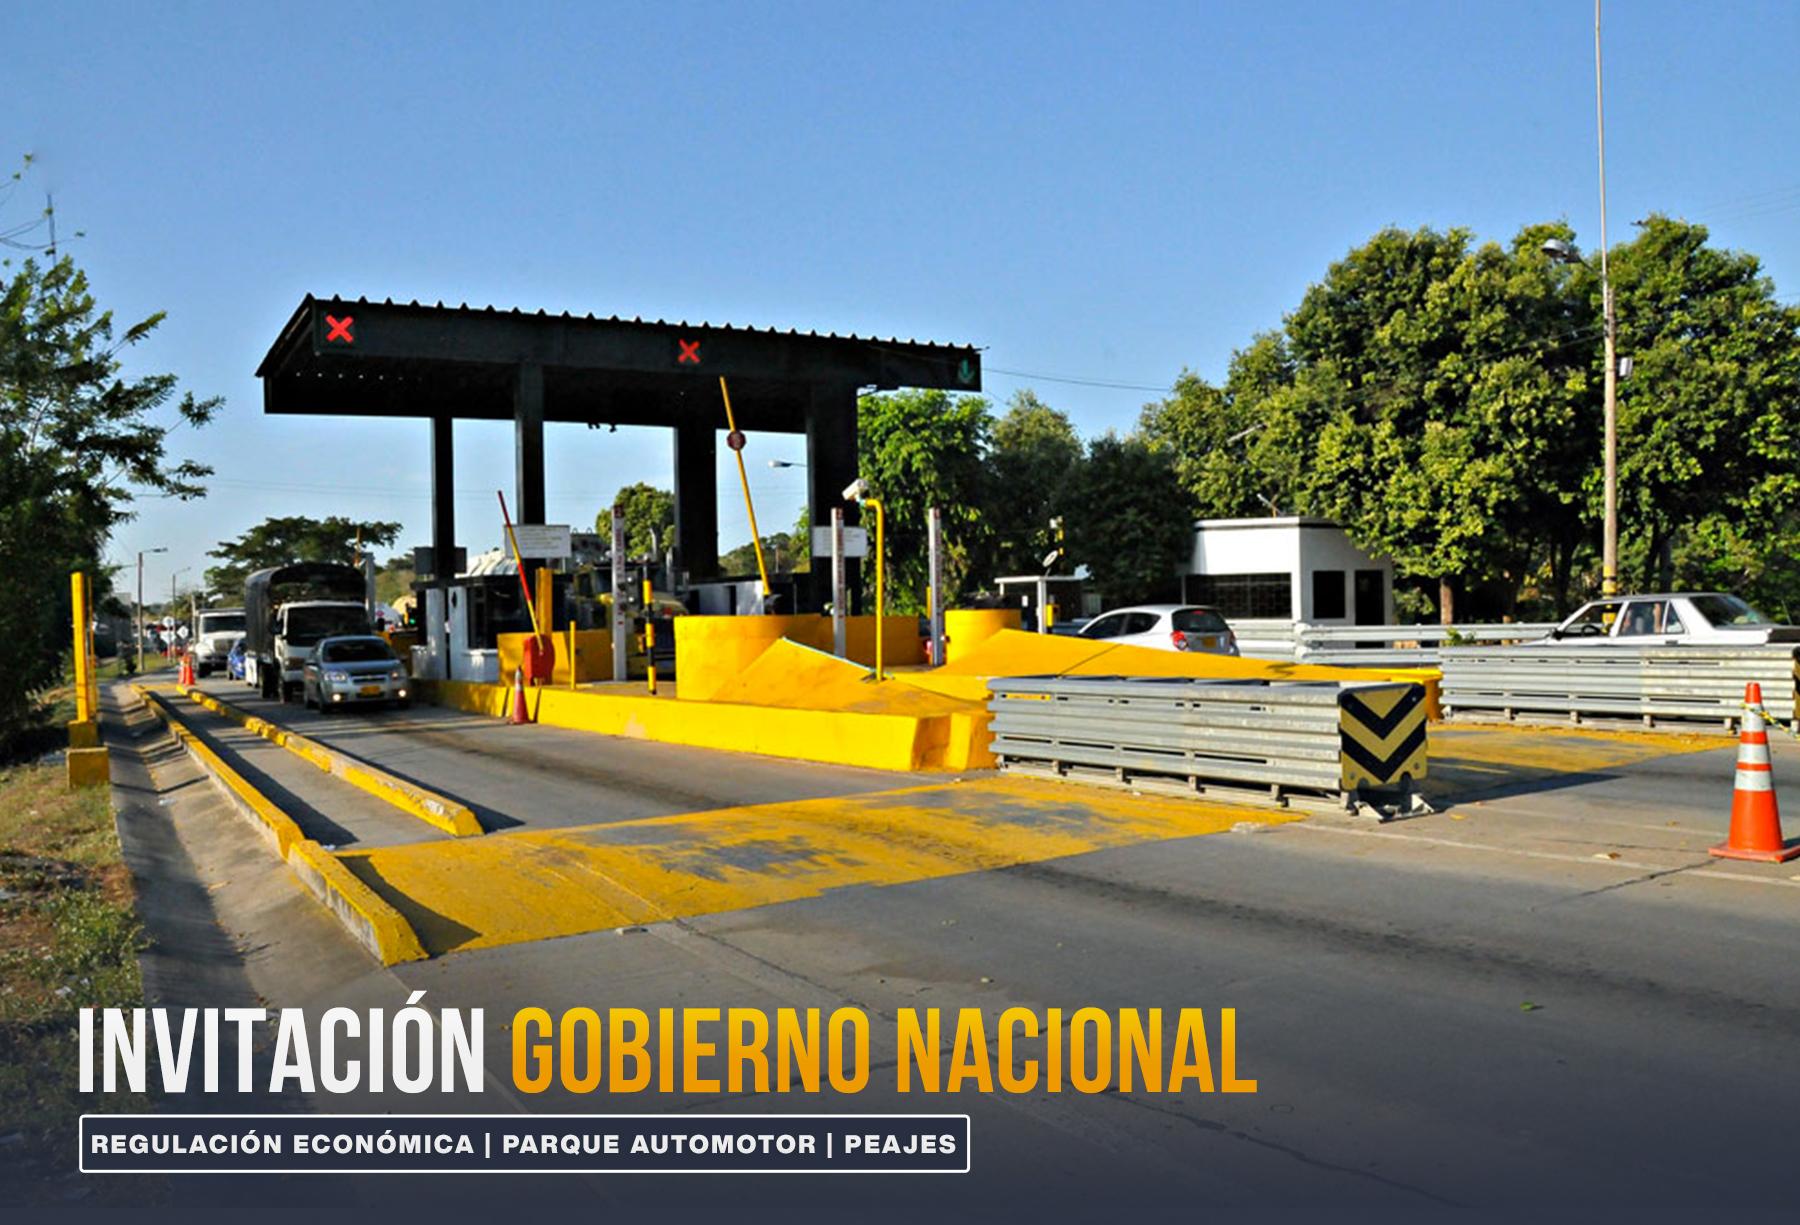 Comunicado a la Opinión Pública | Invitación a Fedetranscarga por parte del Gobierno Nacional